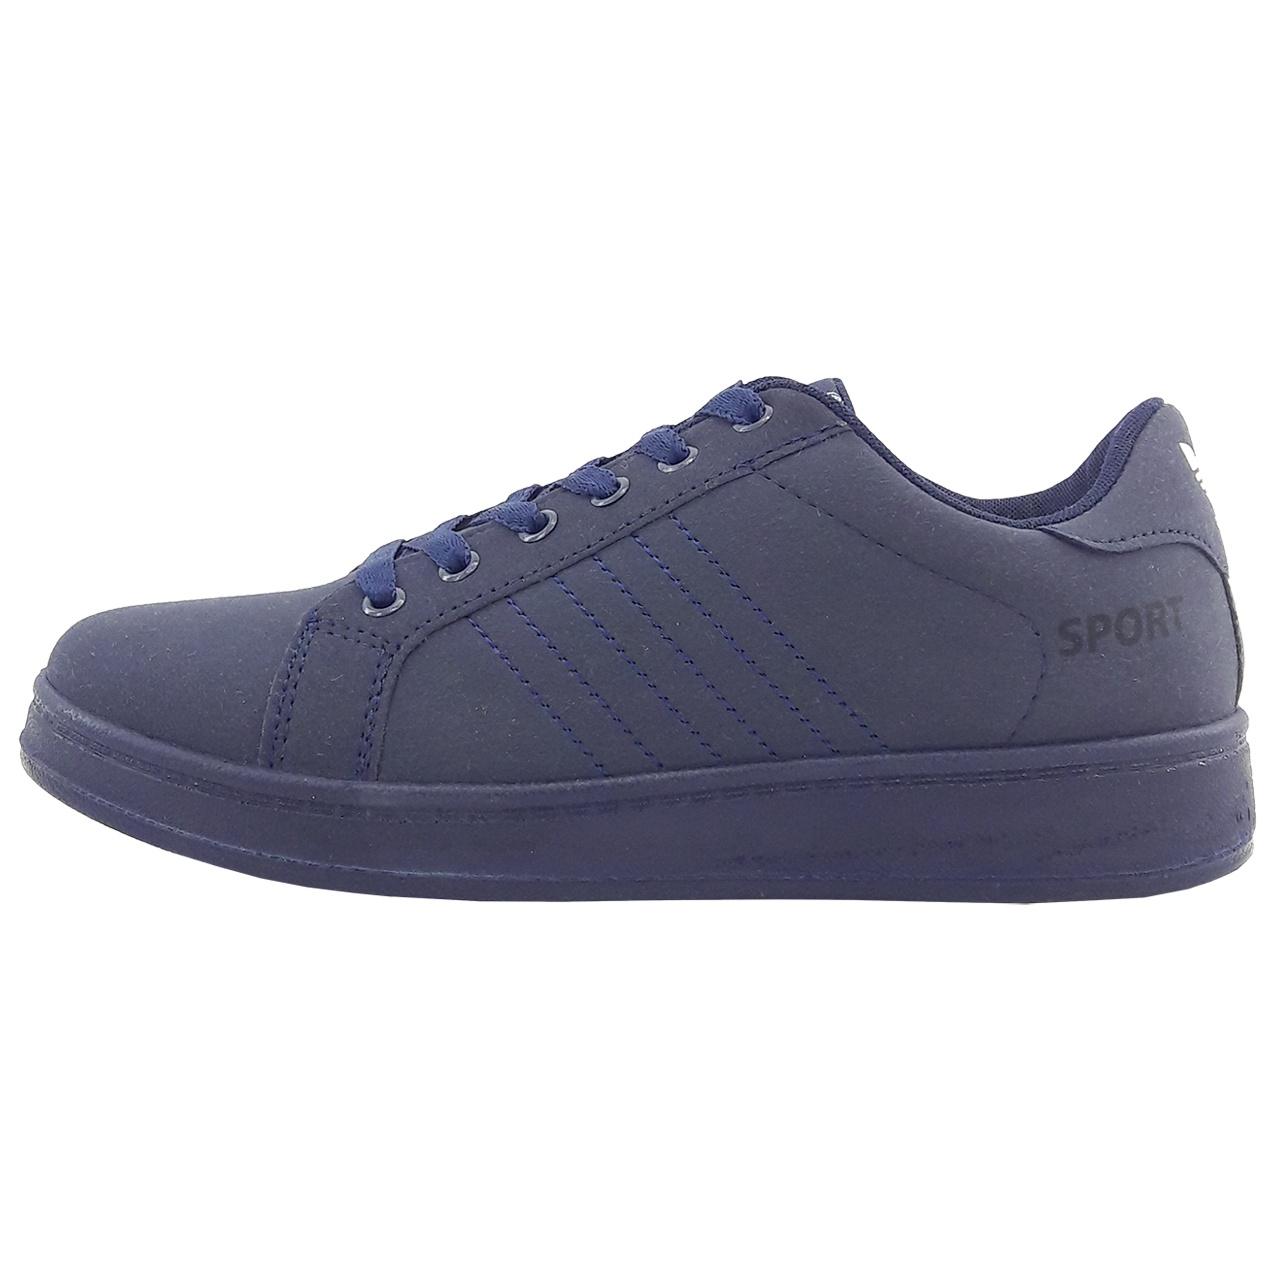 کفش مخصوص پیاده روی زنانه مدل Ad.brk.nvy-01